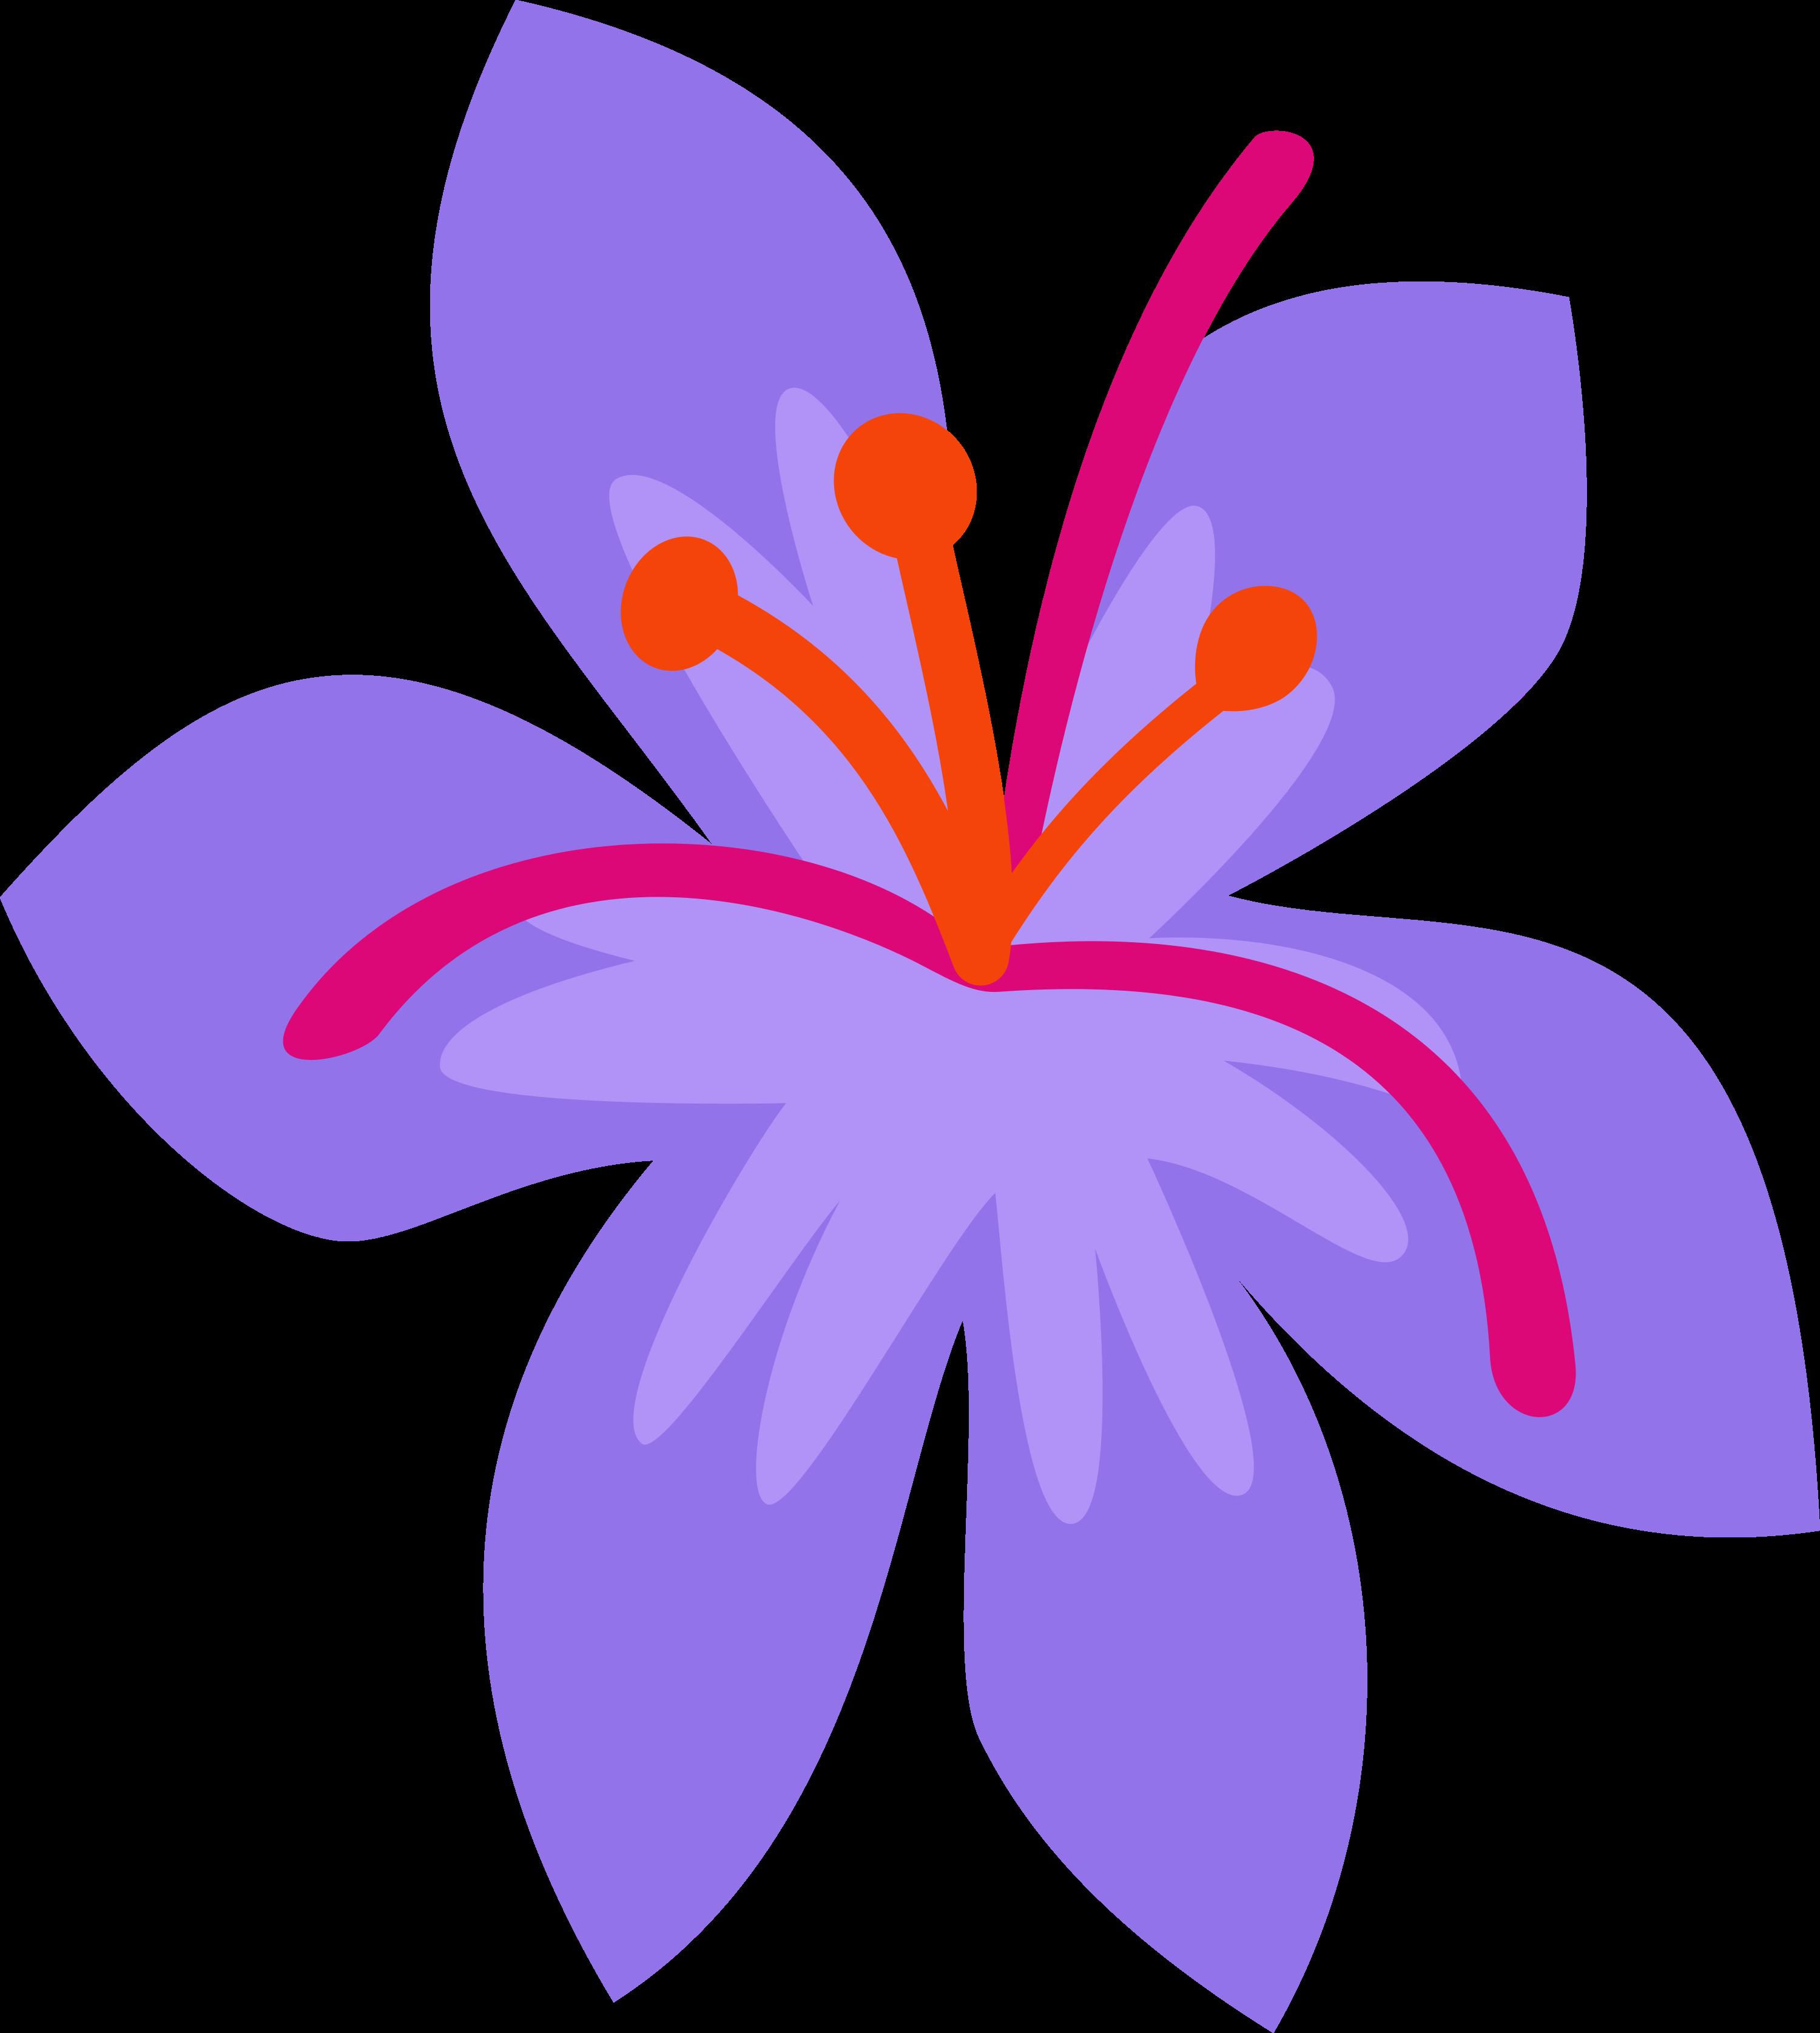 Výsledek obrázku pro mlp saffron masala